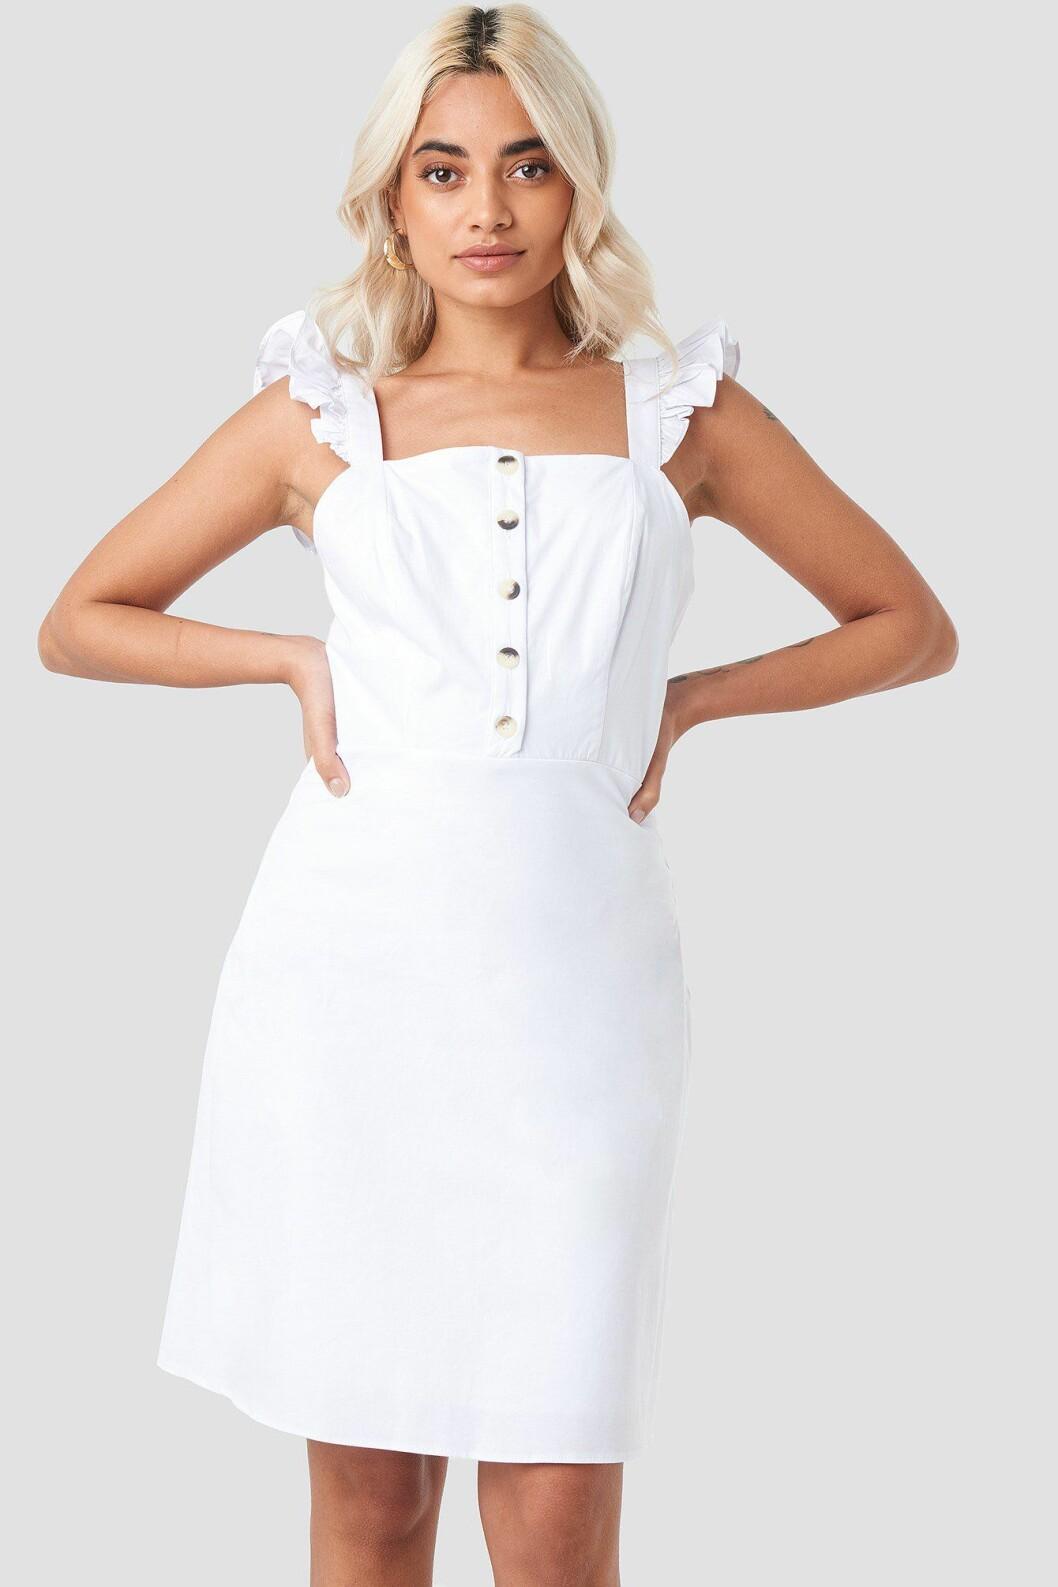 Vit klänning till skolavslutningen 2019